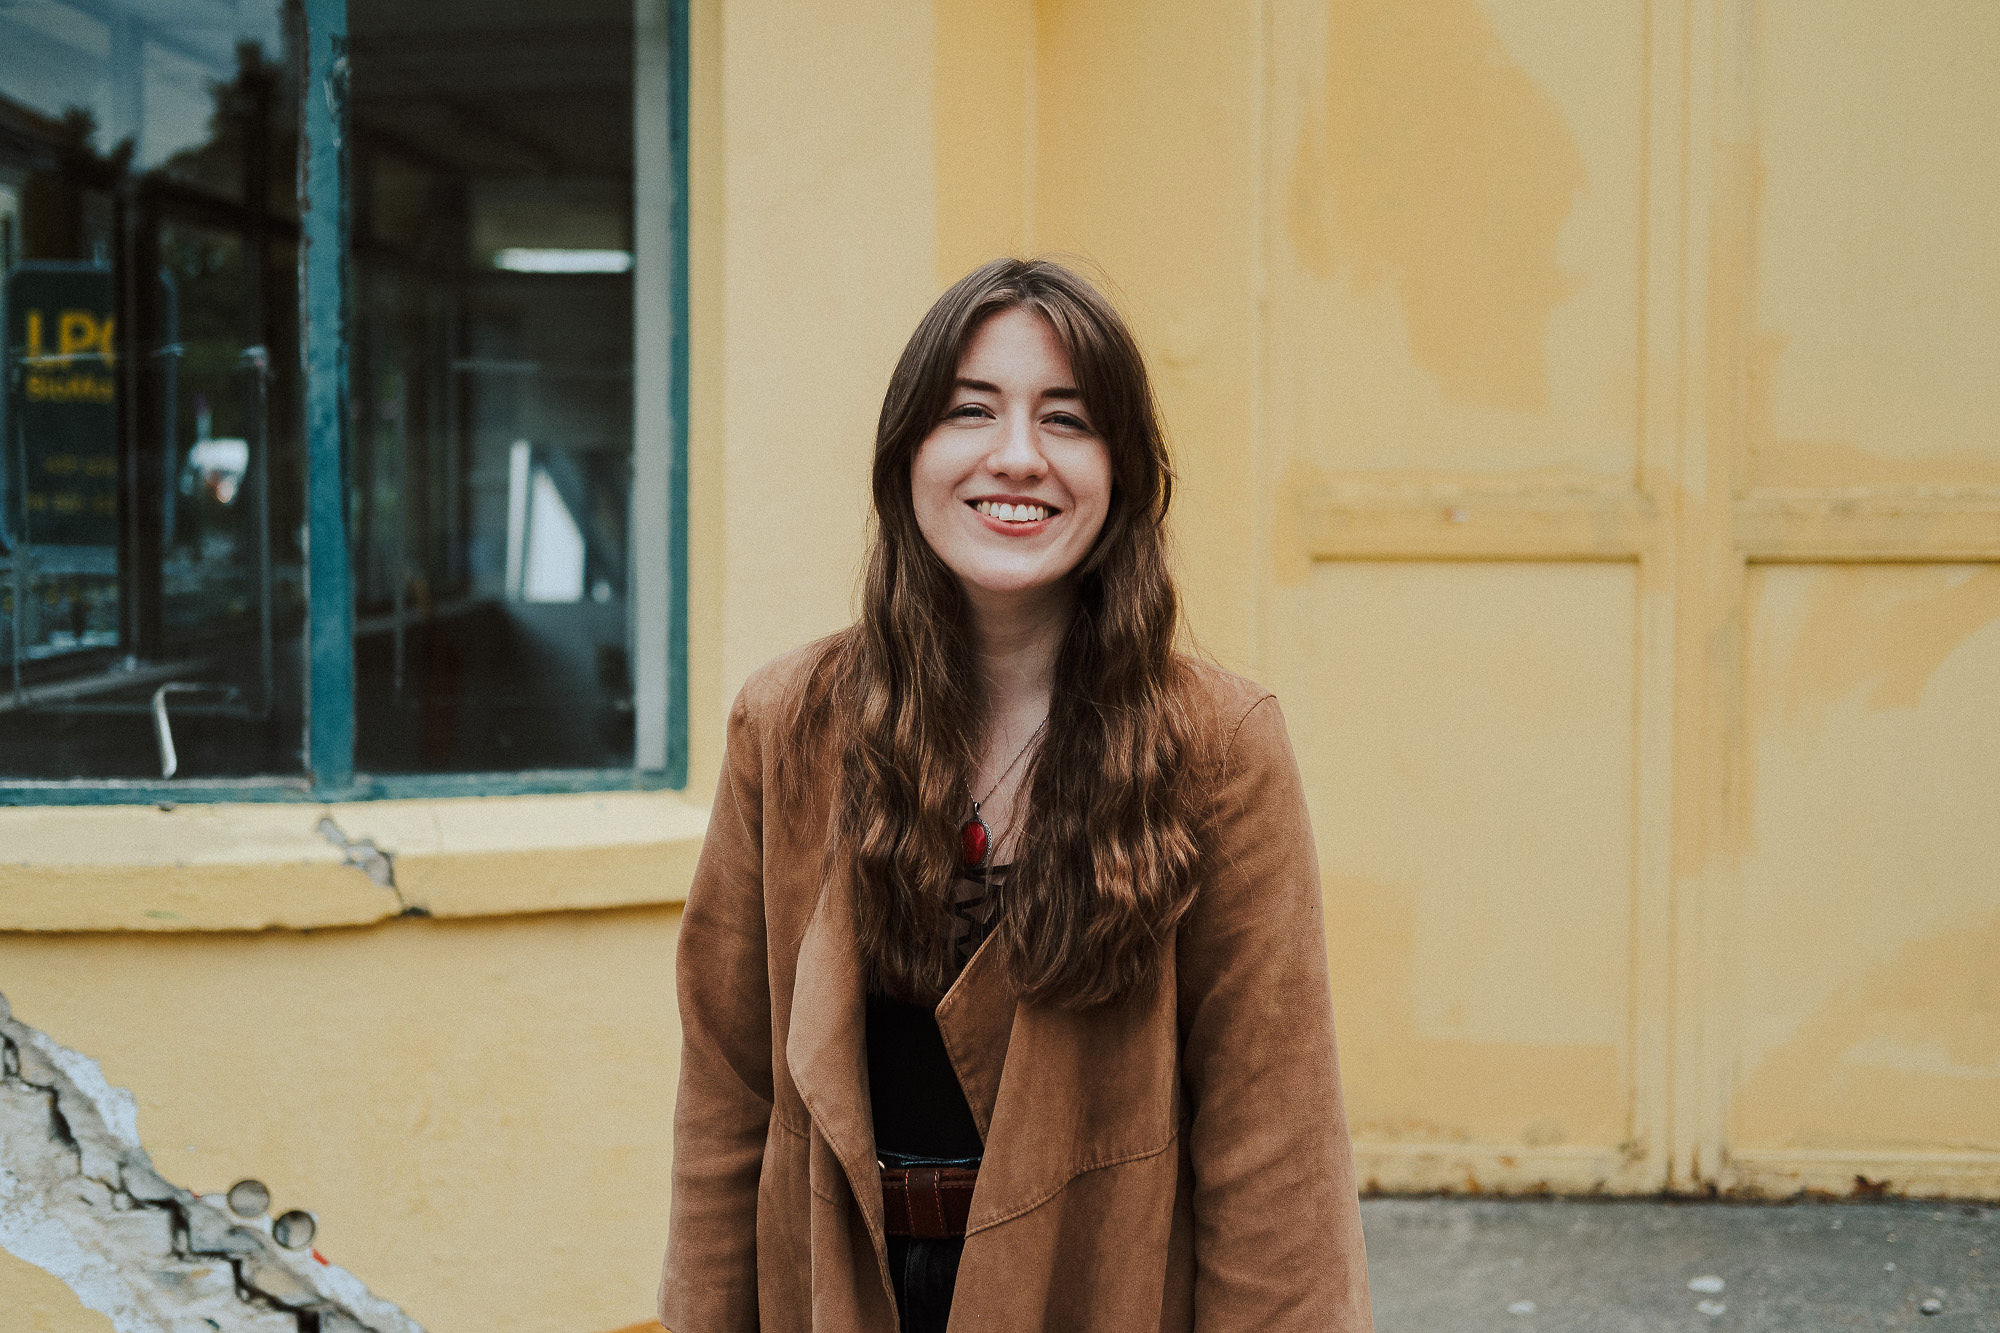 Isabelle Rogge: Ich bin freie Autorin, Moderatorin und Podcastproduzentin